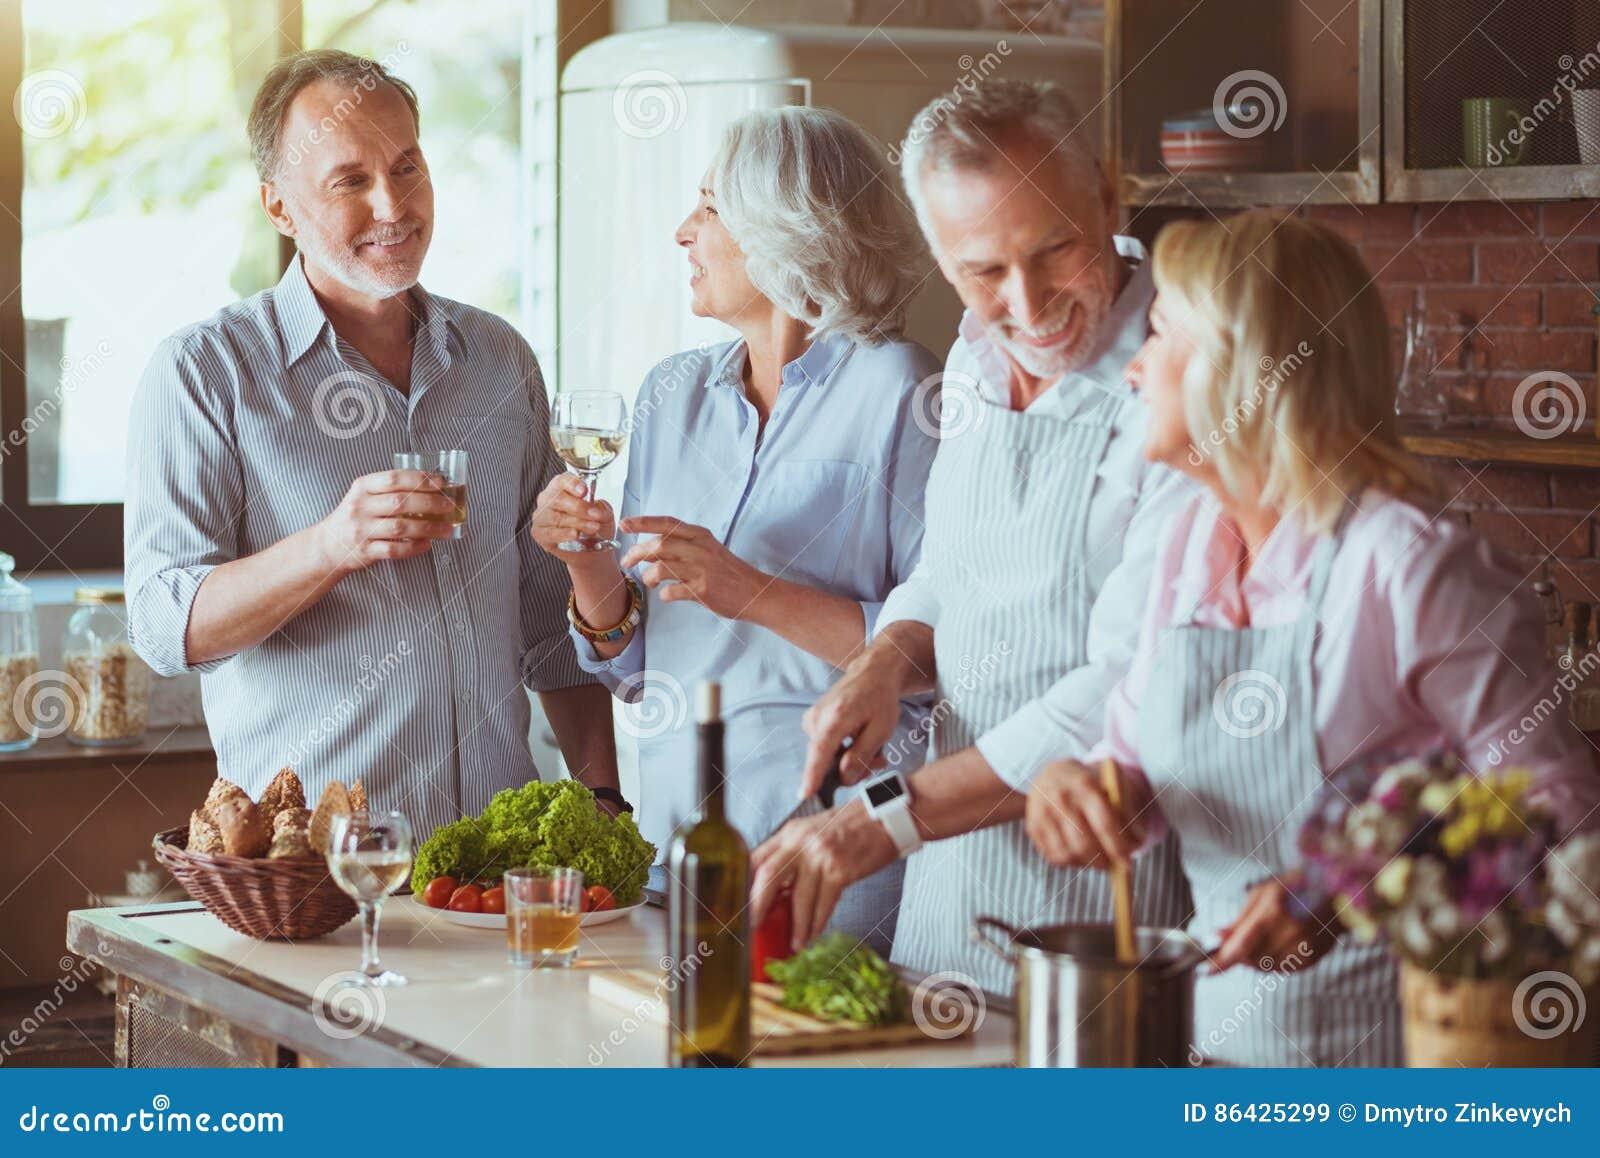 koken met vrienden